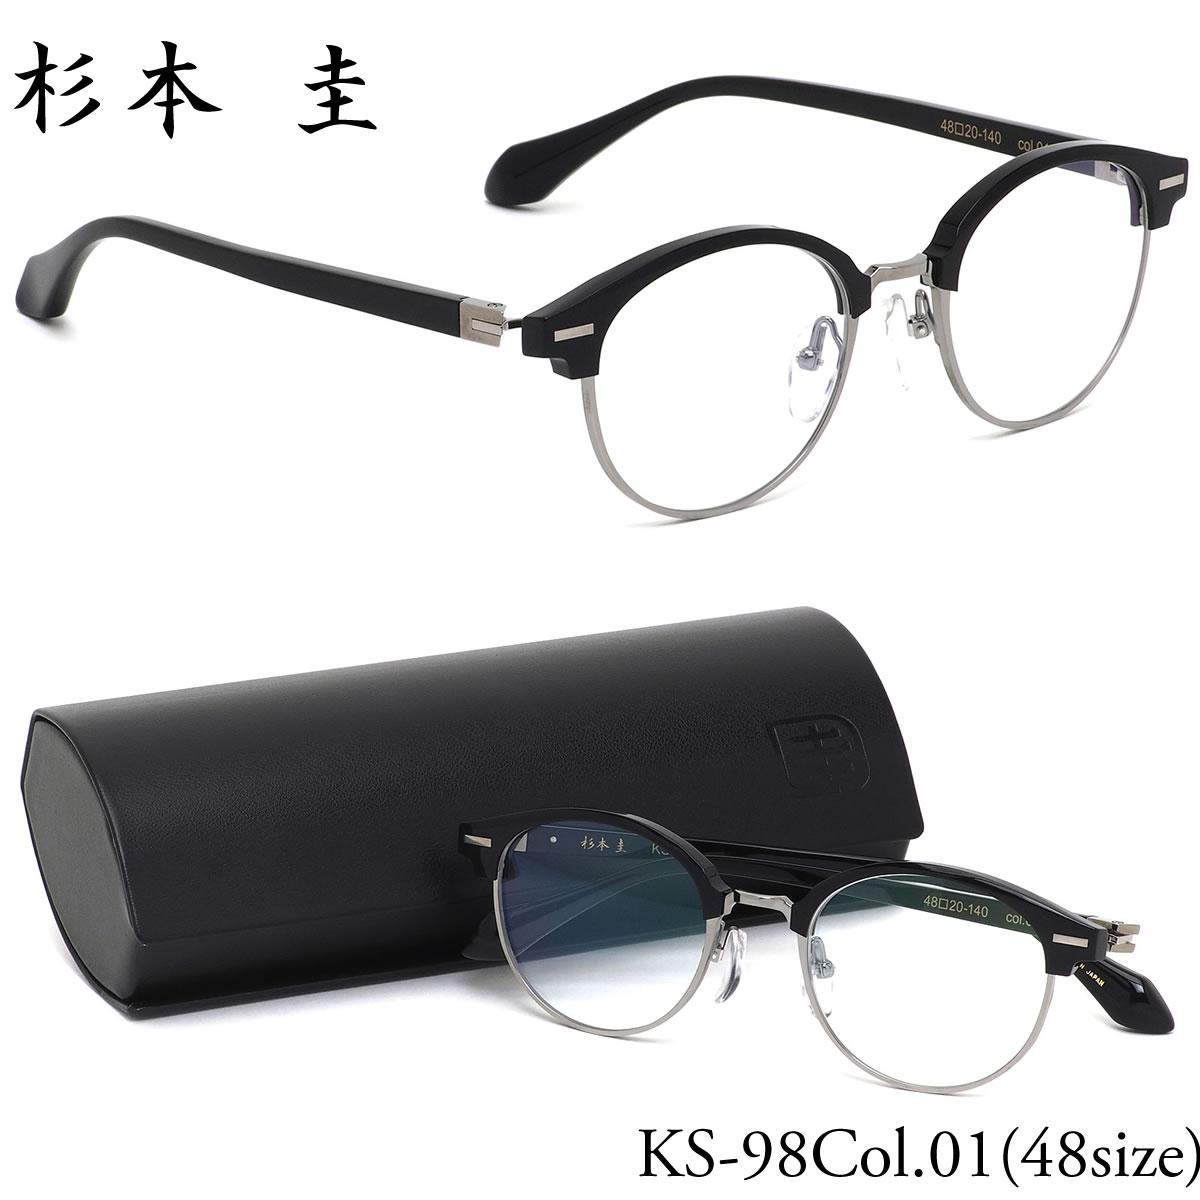 ほぼ全品ポイント15倍~最大43倍+3倍!お得なクーポンも! スギモトケイ 杉本圭 メガネKS-98 01 48サイズSUGIMOTO KEI 日本製 コンビネーション 福井メンズ レディース